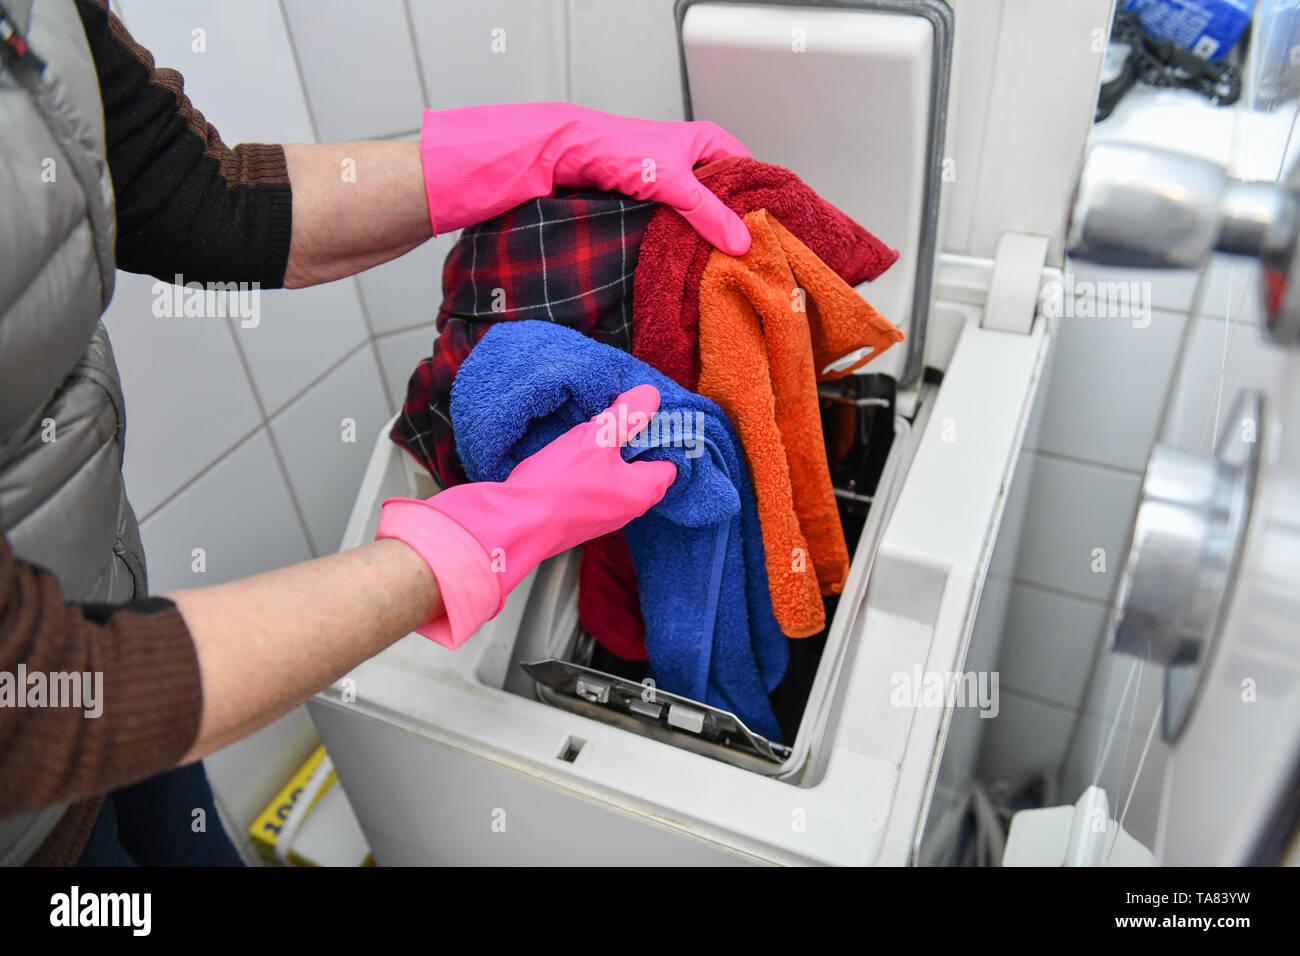 Washing machine put away, Waschmaschine einräumen - Stock Image